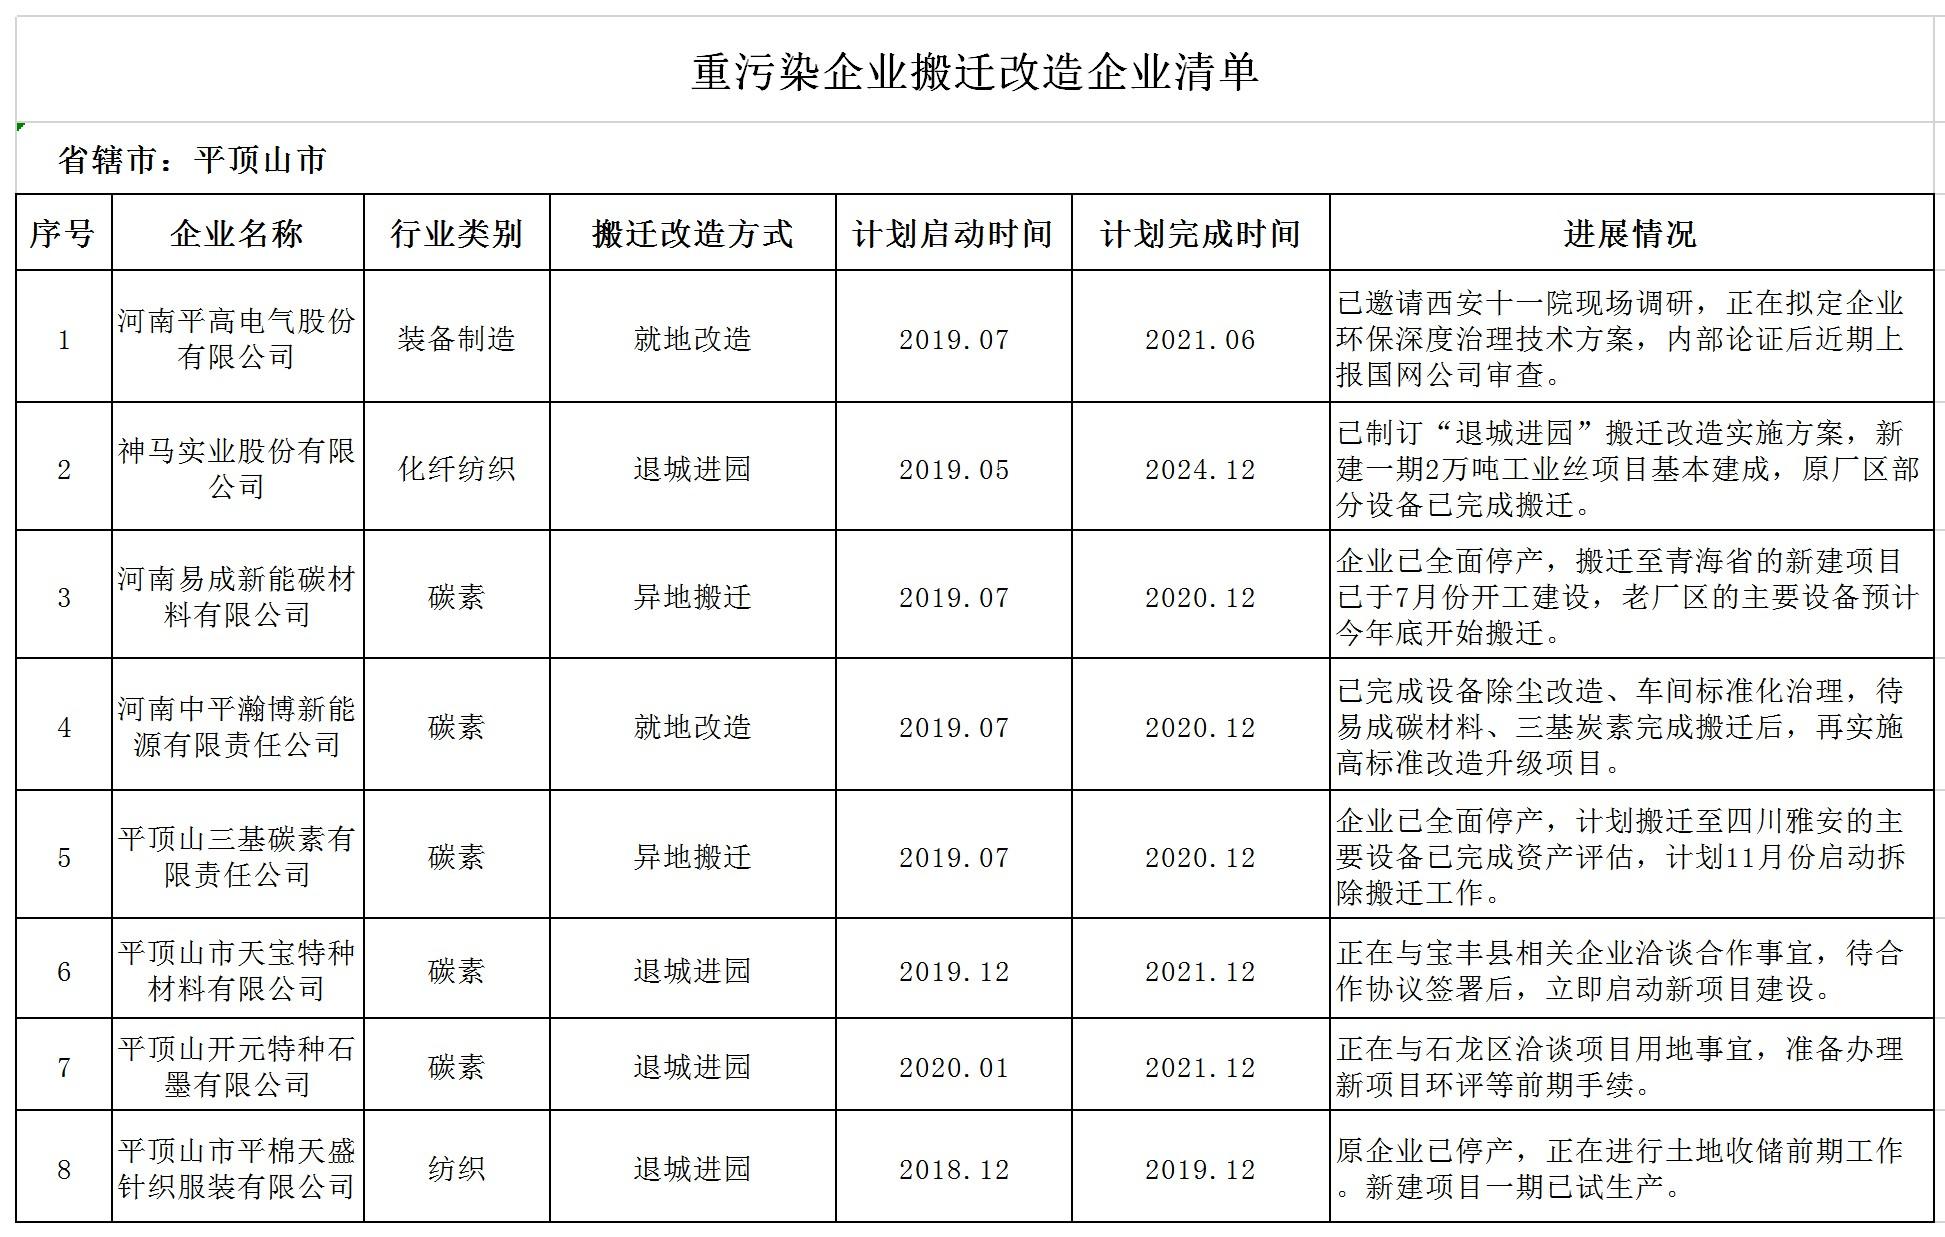 11.重污染企业搬迁改造企业清单(1).jpg